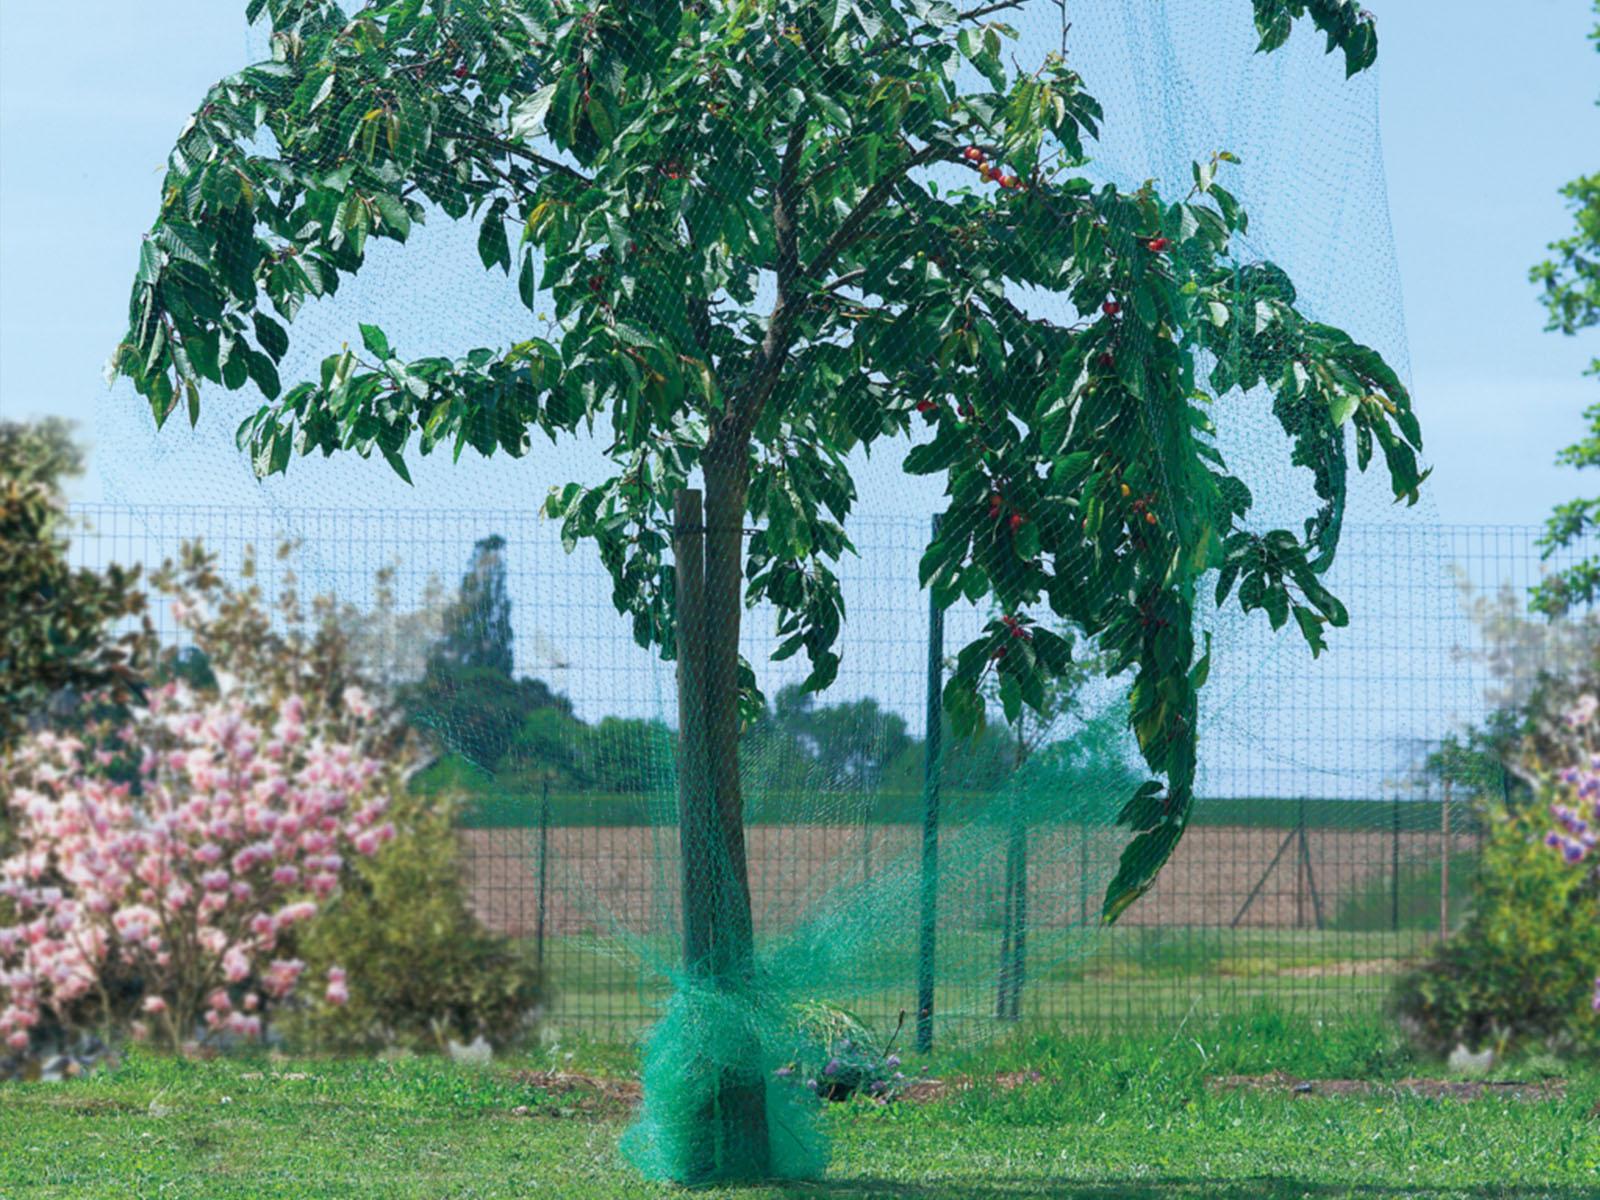 Madárháló, madár elleni háló cseresznyefa tetejére terítve.